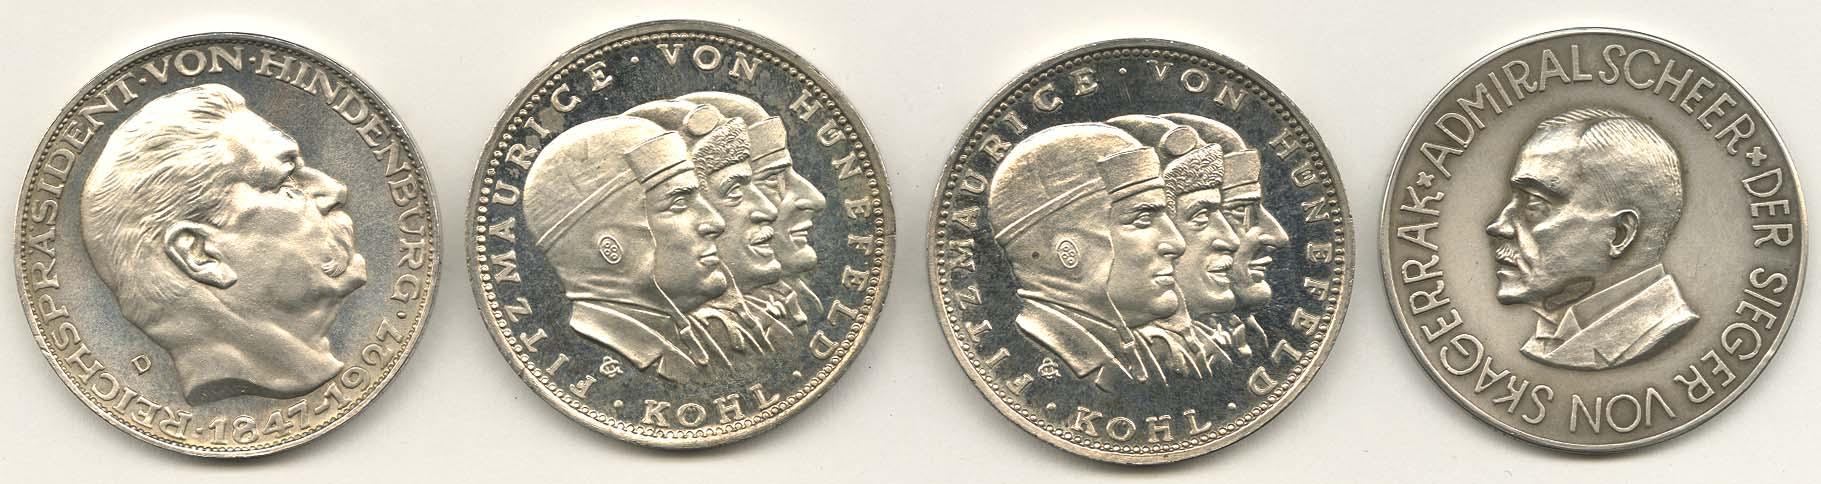 Lot 2258 - medaillen Sonstige Medaillen - Deutschland -  Auktionshaus Ulrich Felzmann GmbH & Co. KG Coins single lots